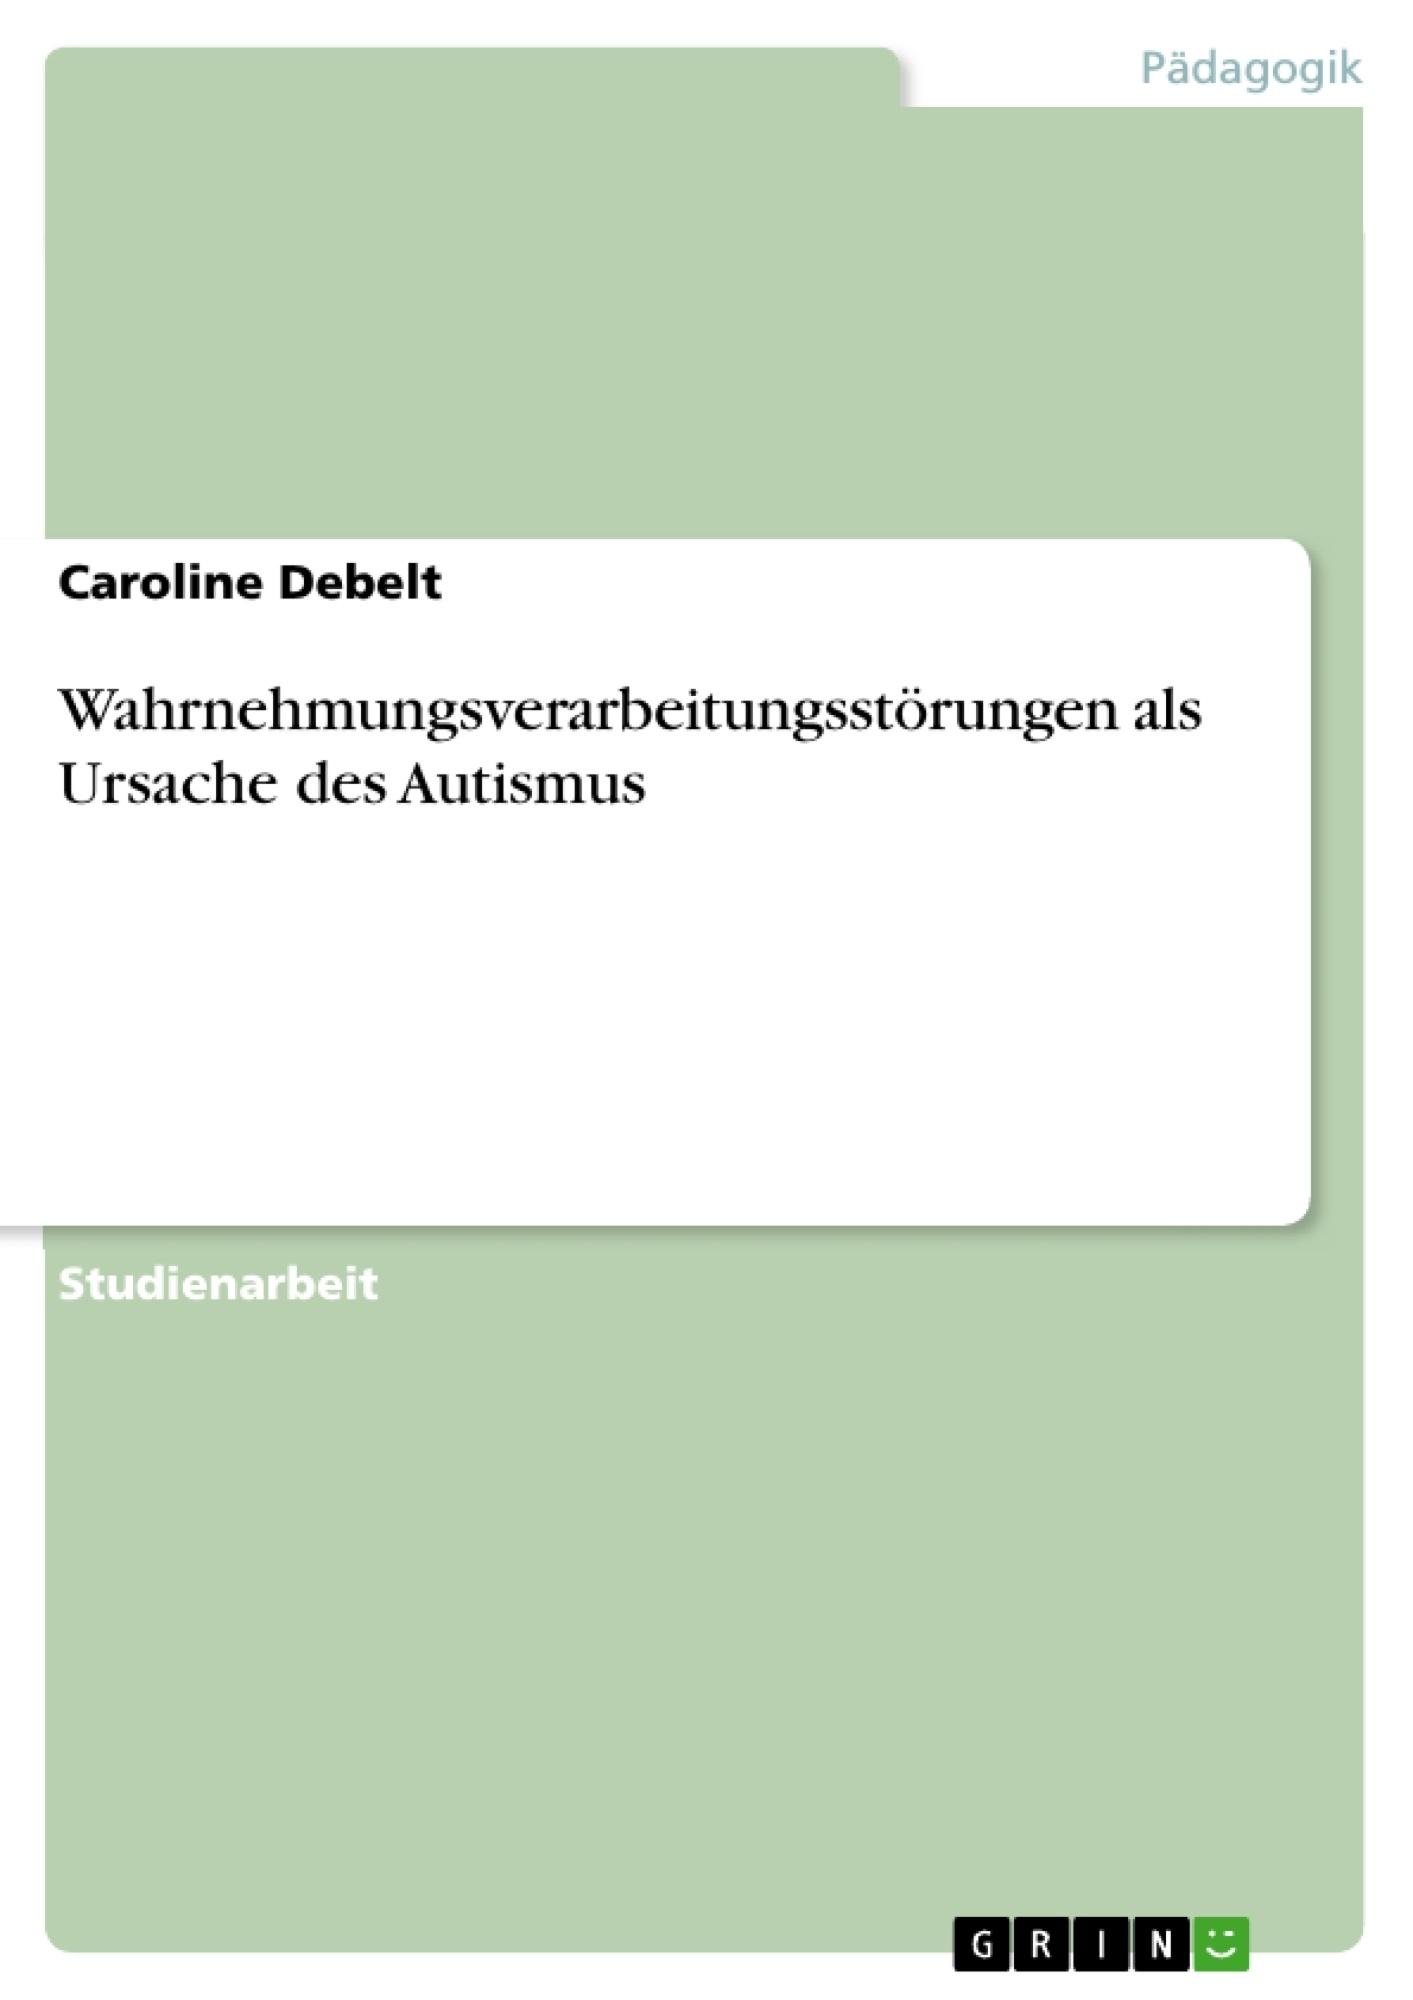 Titel: Wahrnehmungsverarbeitungsstörungen als Ursache des Autismus